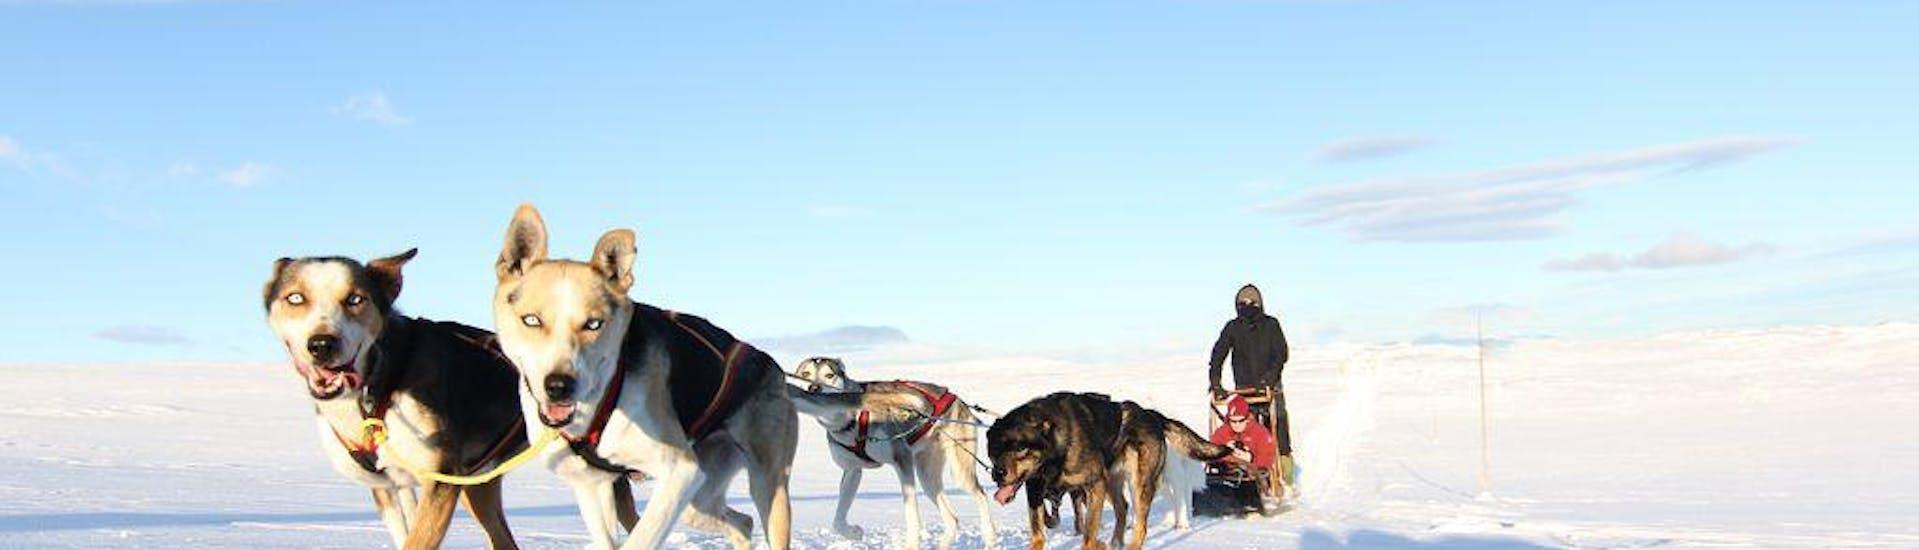 husky-sledding-in-geilo---5-km-hero